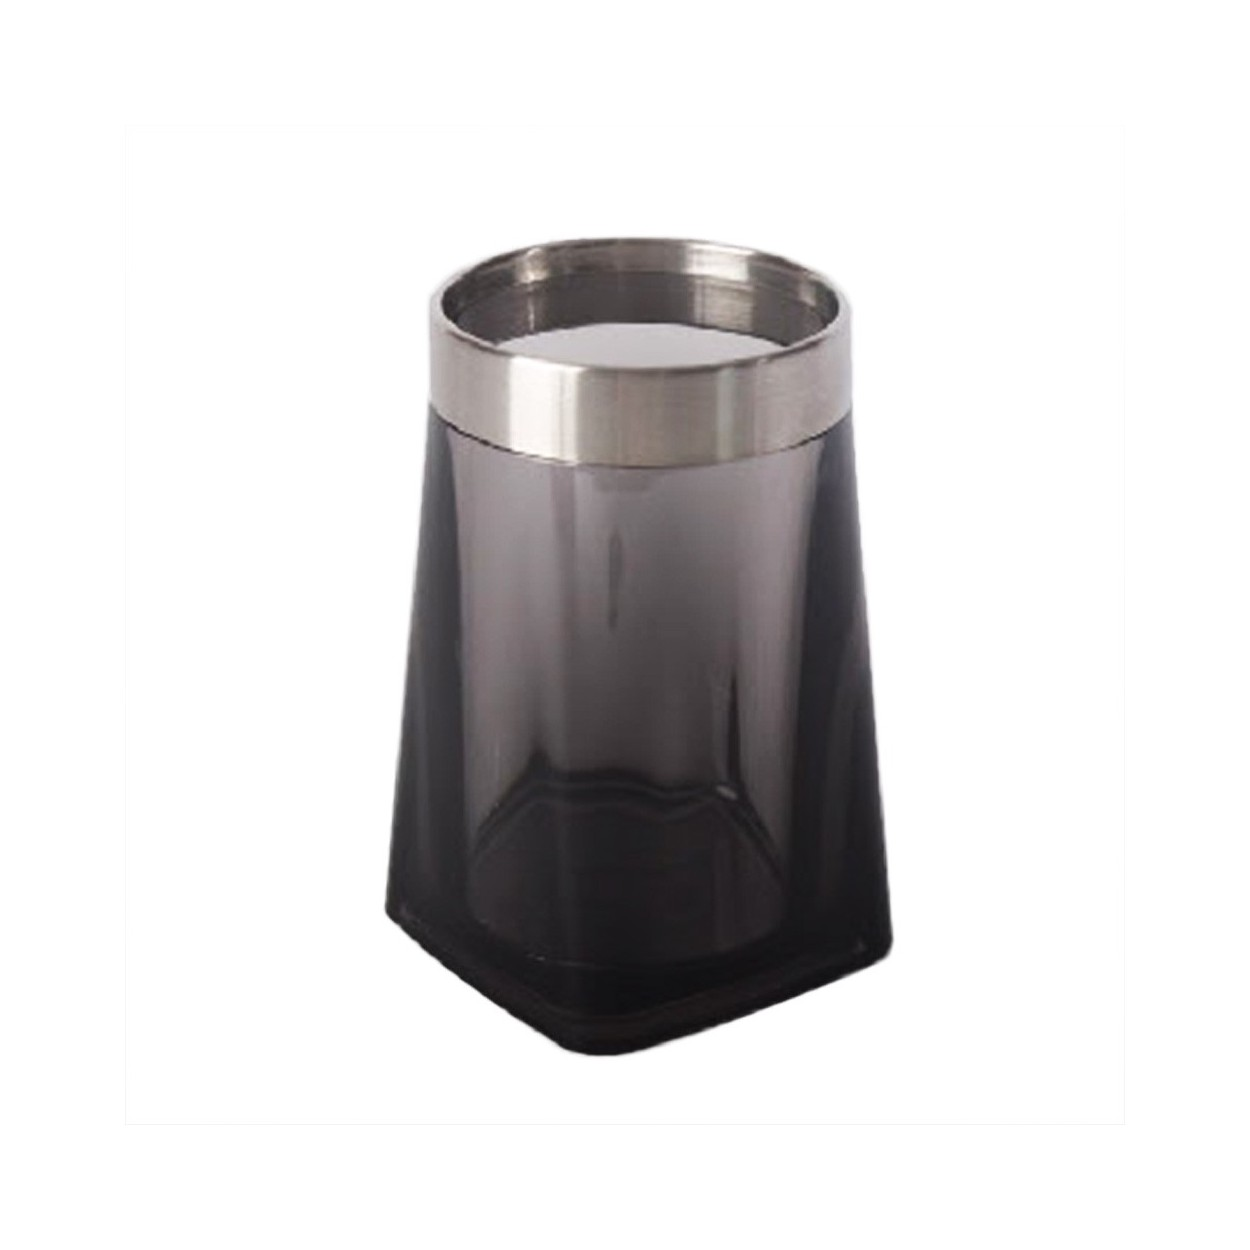 Vaso para ba o negro 7 5x12 cm poliestireno y acero for Accesorios para el bano en acero inoxidable